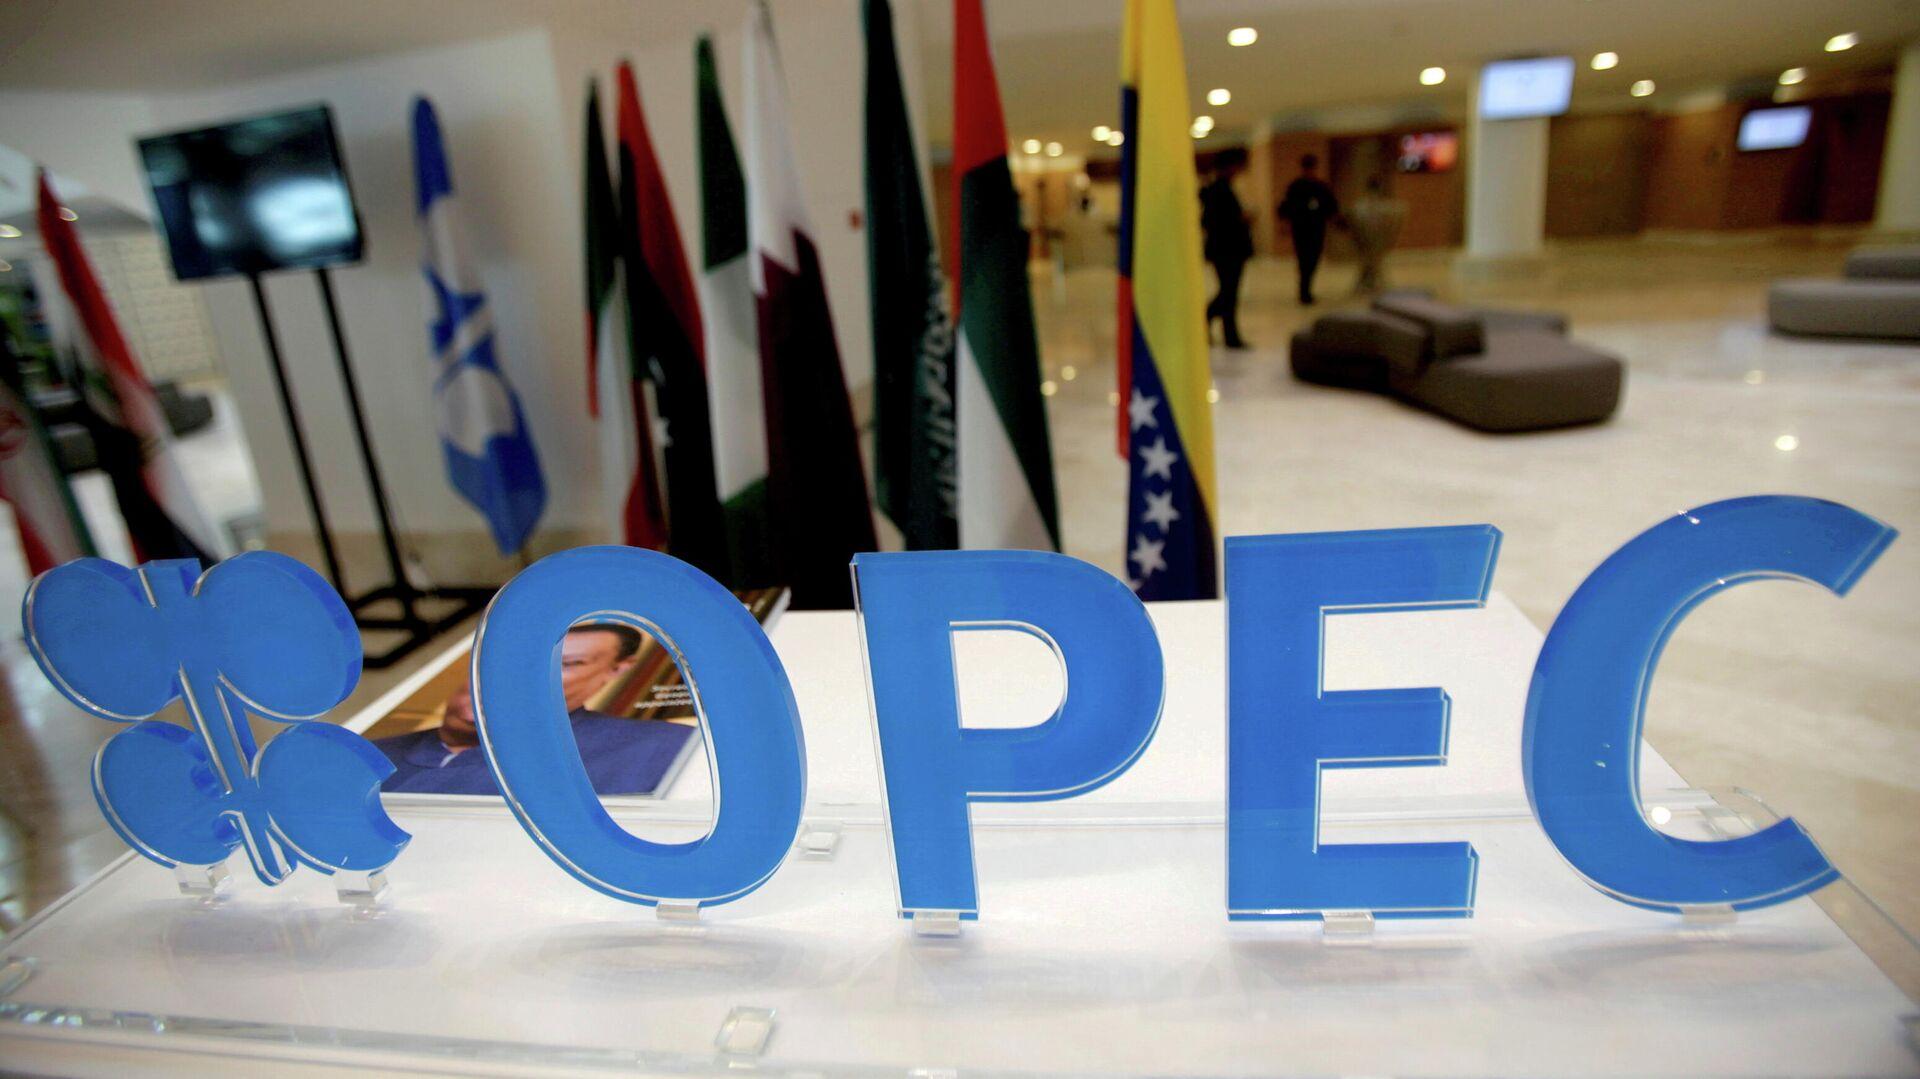 El logotipo de la OPEP antes de una reunión informal entre miembros de la Organización de Países Exportadores de Petróleo (OPEP) en Argel, Argelia, el 28 de septiembre de 2016/ Foto de archivo - Sputnik Mundo, 1920, 18.07.2021